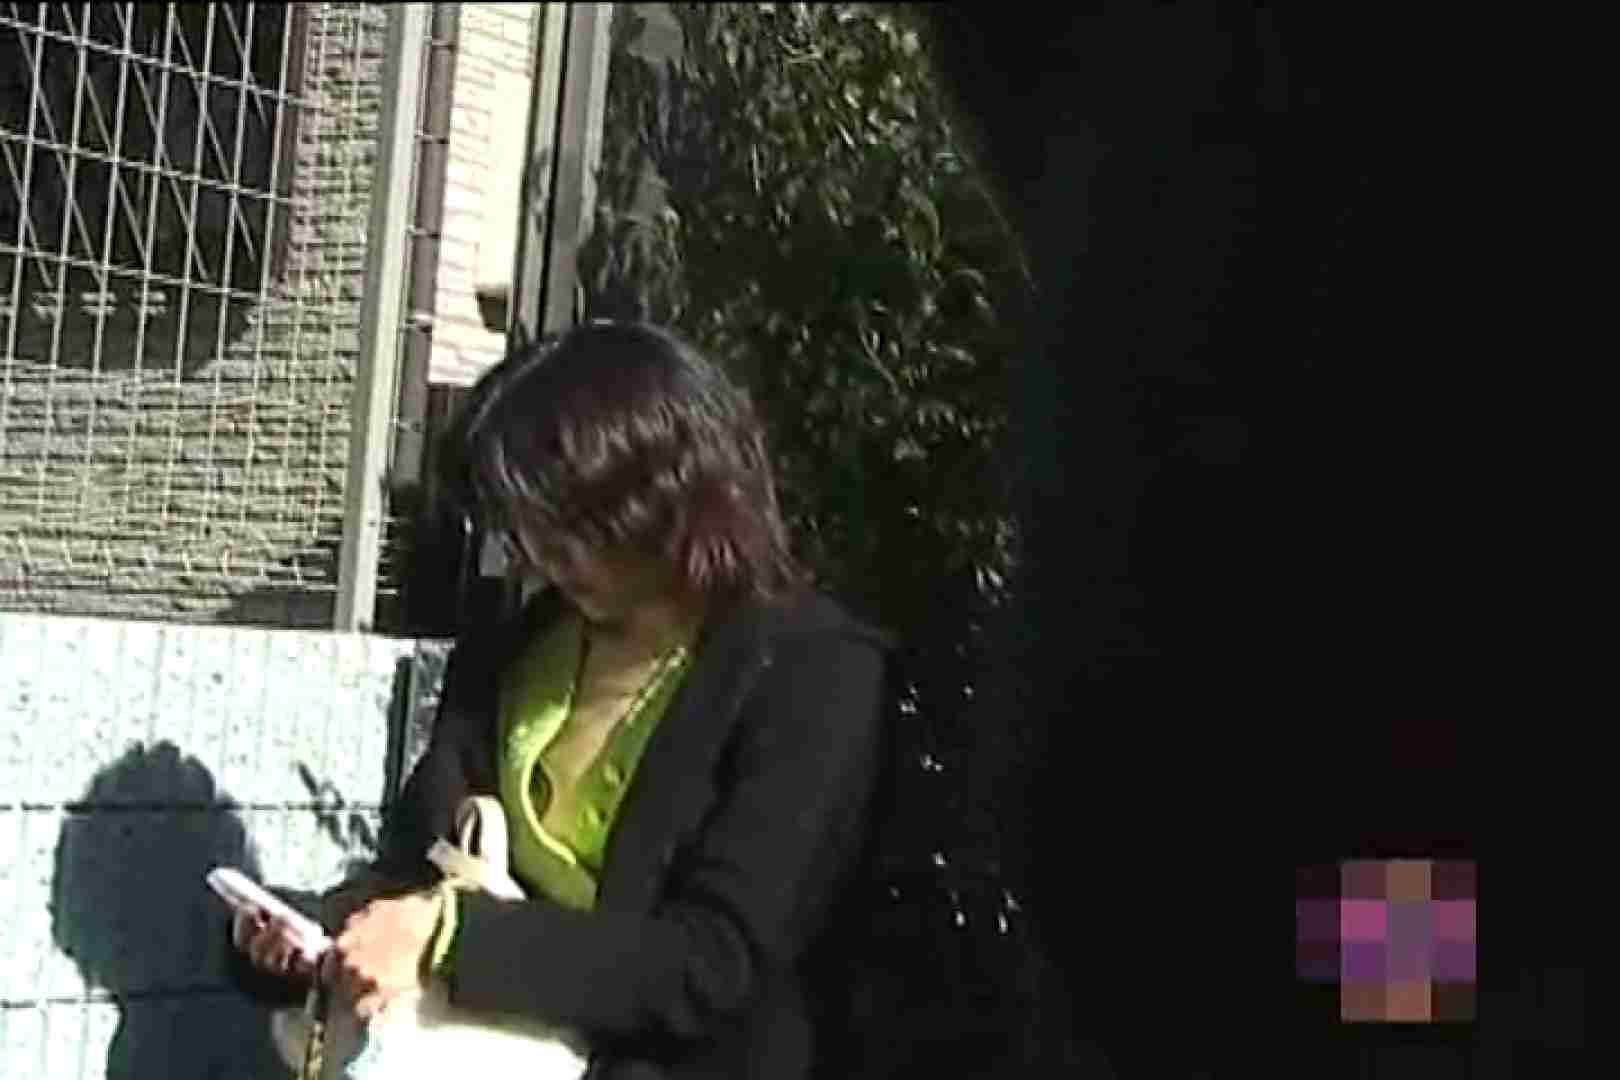 大胆露出胸チラギャル大量発生中!!Vol.6 OLヌード天国 オメコ動画キャプチャ 86PIX 7